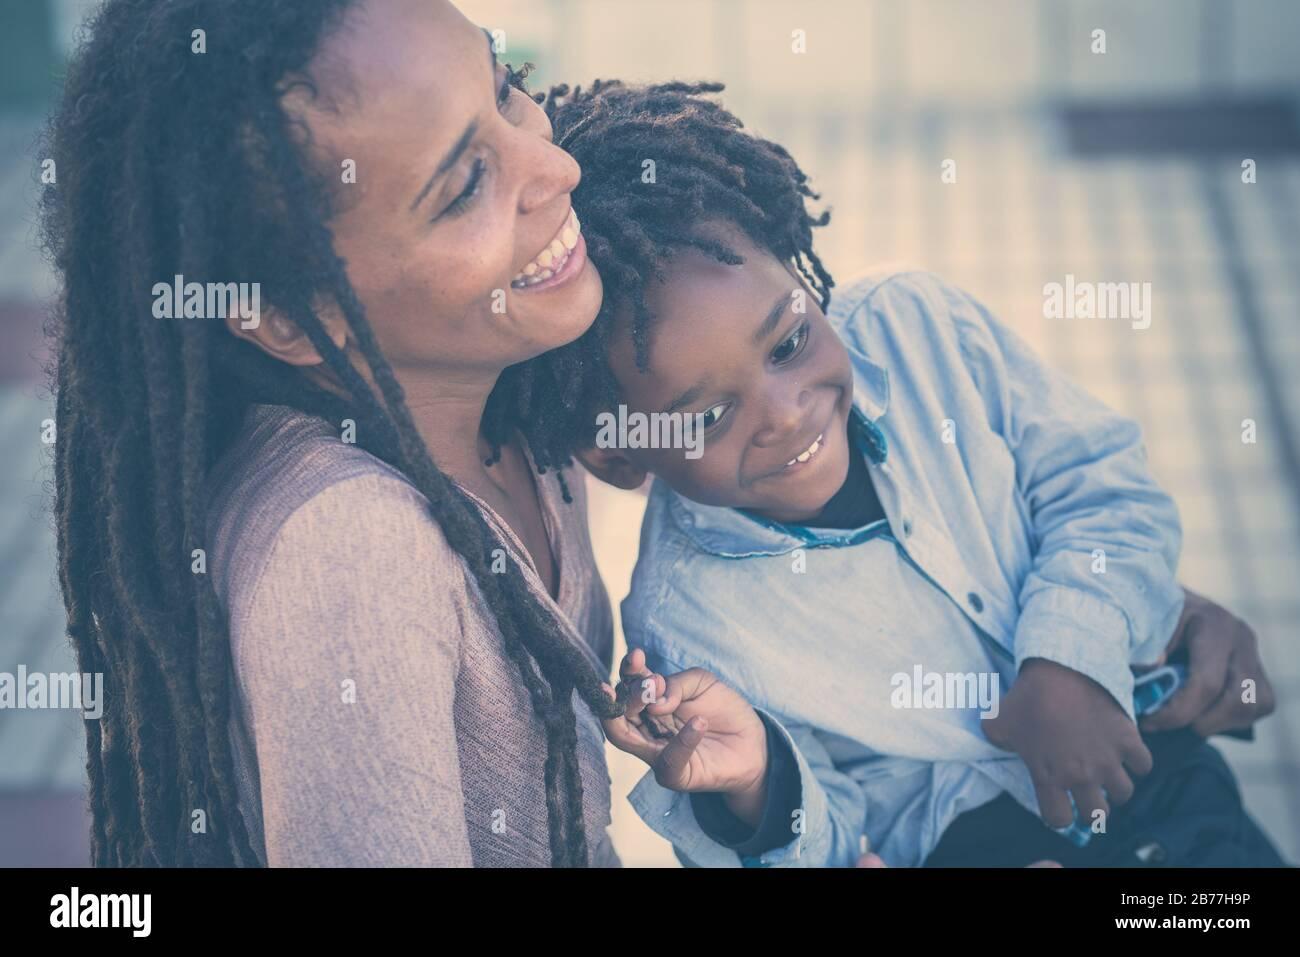 Famille heureux et amusant ensemble - mère et fils race noire africaine les gens s'amusent dans le parc - amour pour la mère et le jeune fils - readlocks ha Banque D'Images